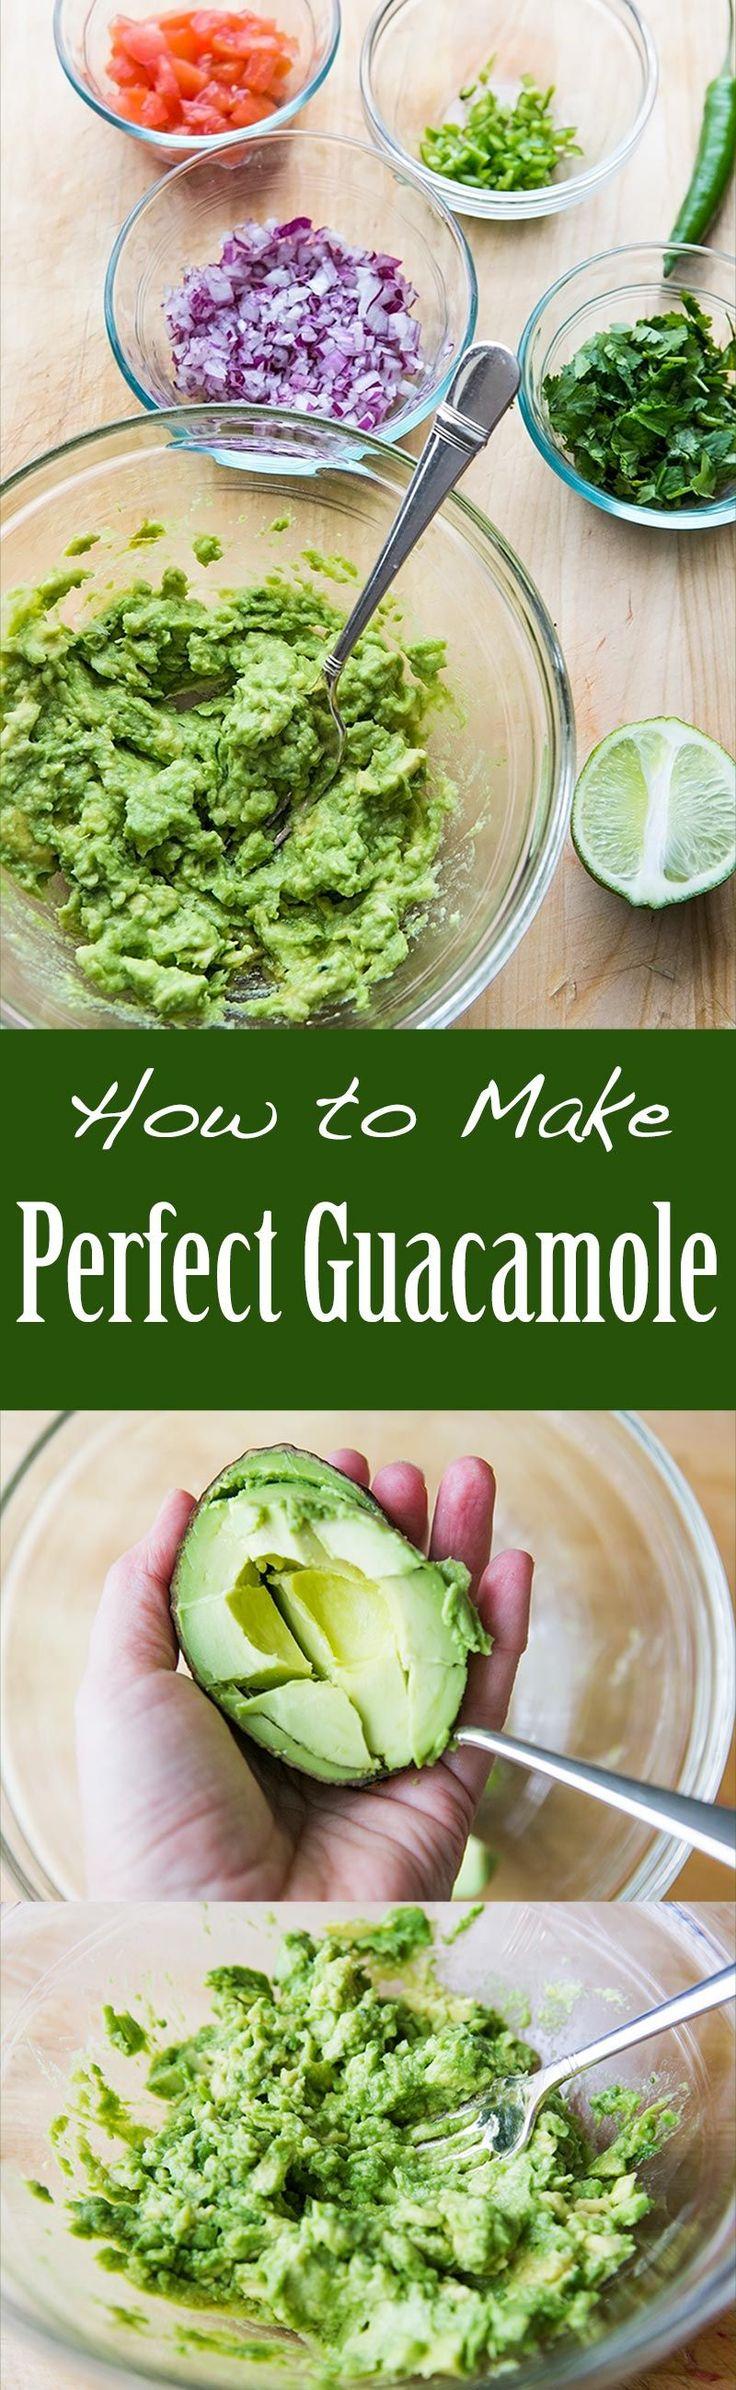 BEST guacamole ever! So EASY to make with ripe avocados, salt, serrano chiles, cilantro and lime. On SimplyRecipes.com